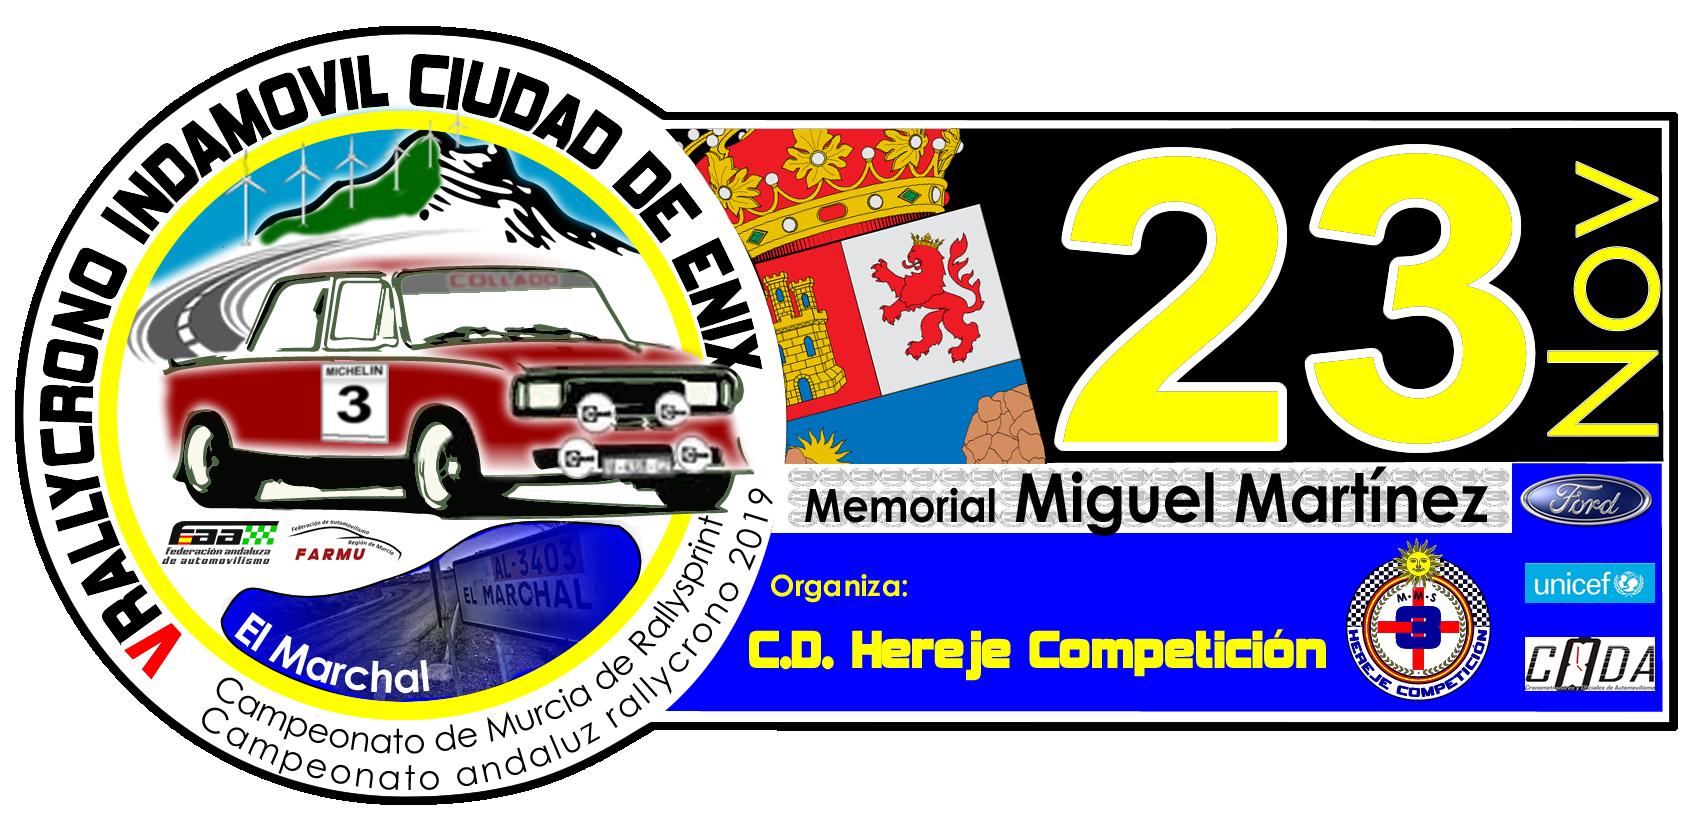 5 Rally-crono INDAMOVIL Ciudad de Enix